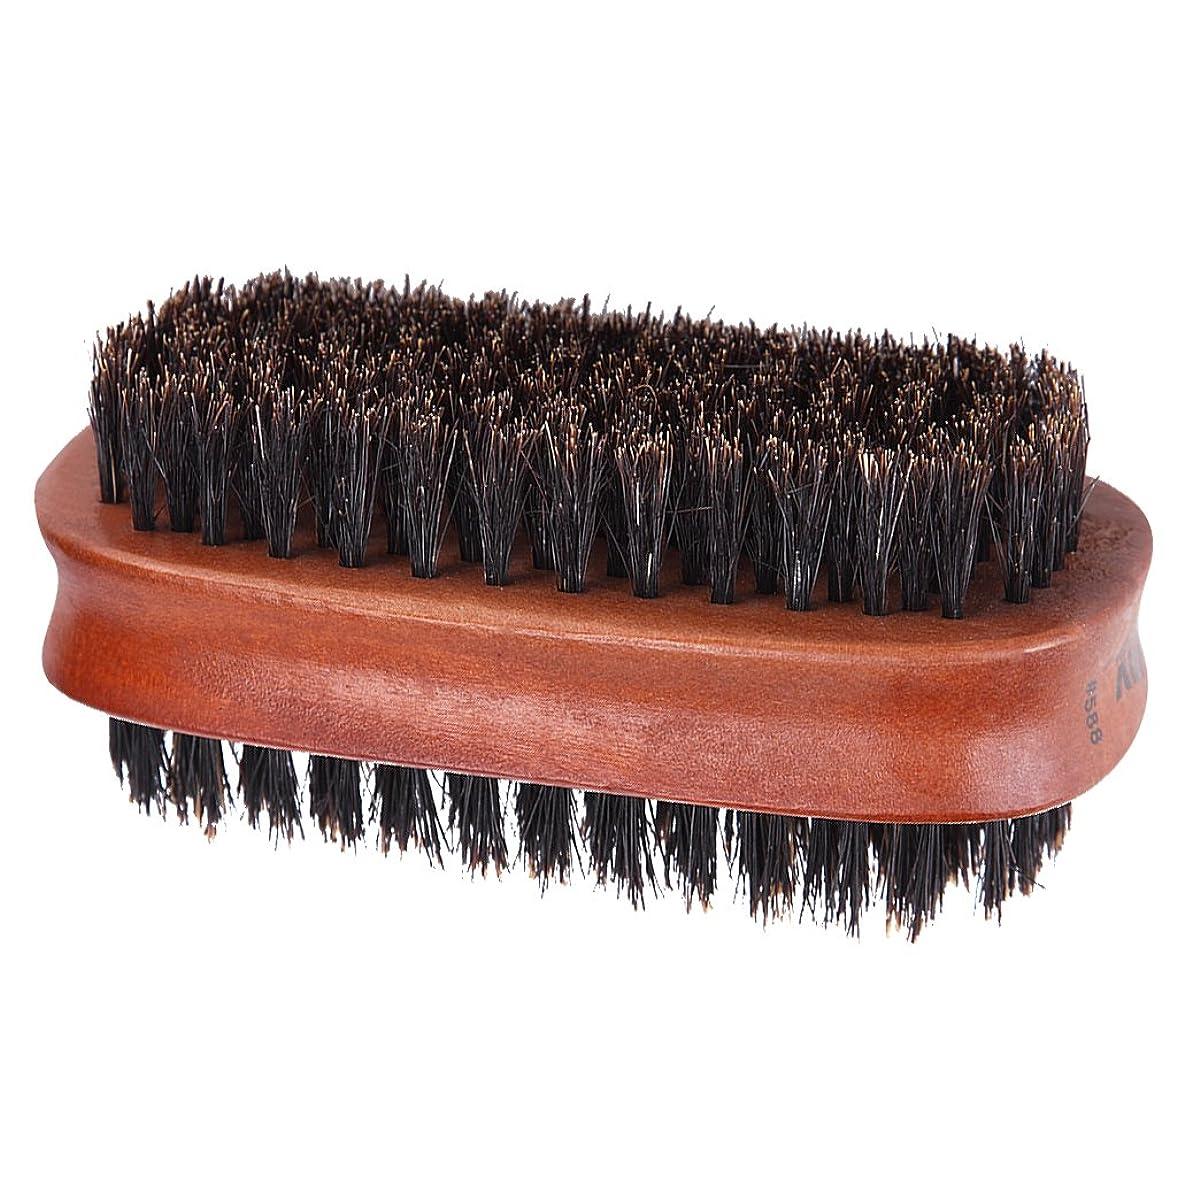 シュリンク賭け頼むKesoto ヘアブラシ 両面ブラシ 理髪店 美容院  ソフトブラシ ヘアカッター ダスターブラシ